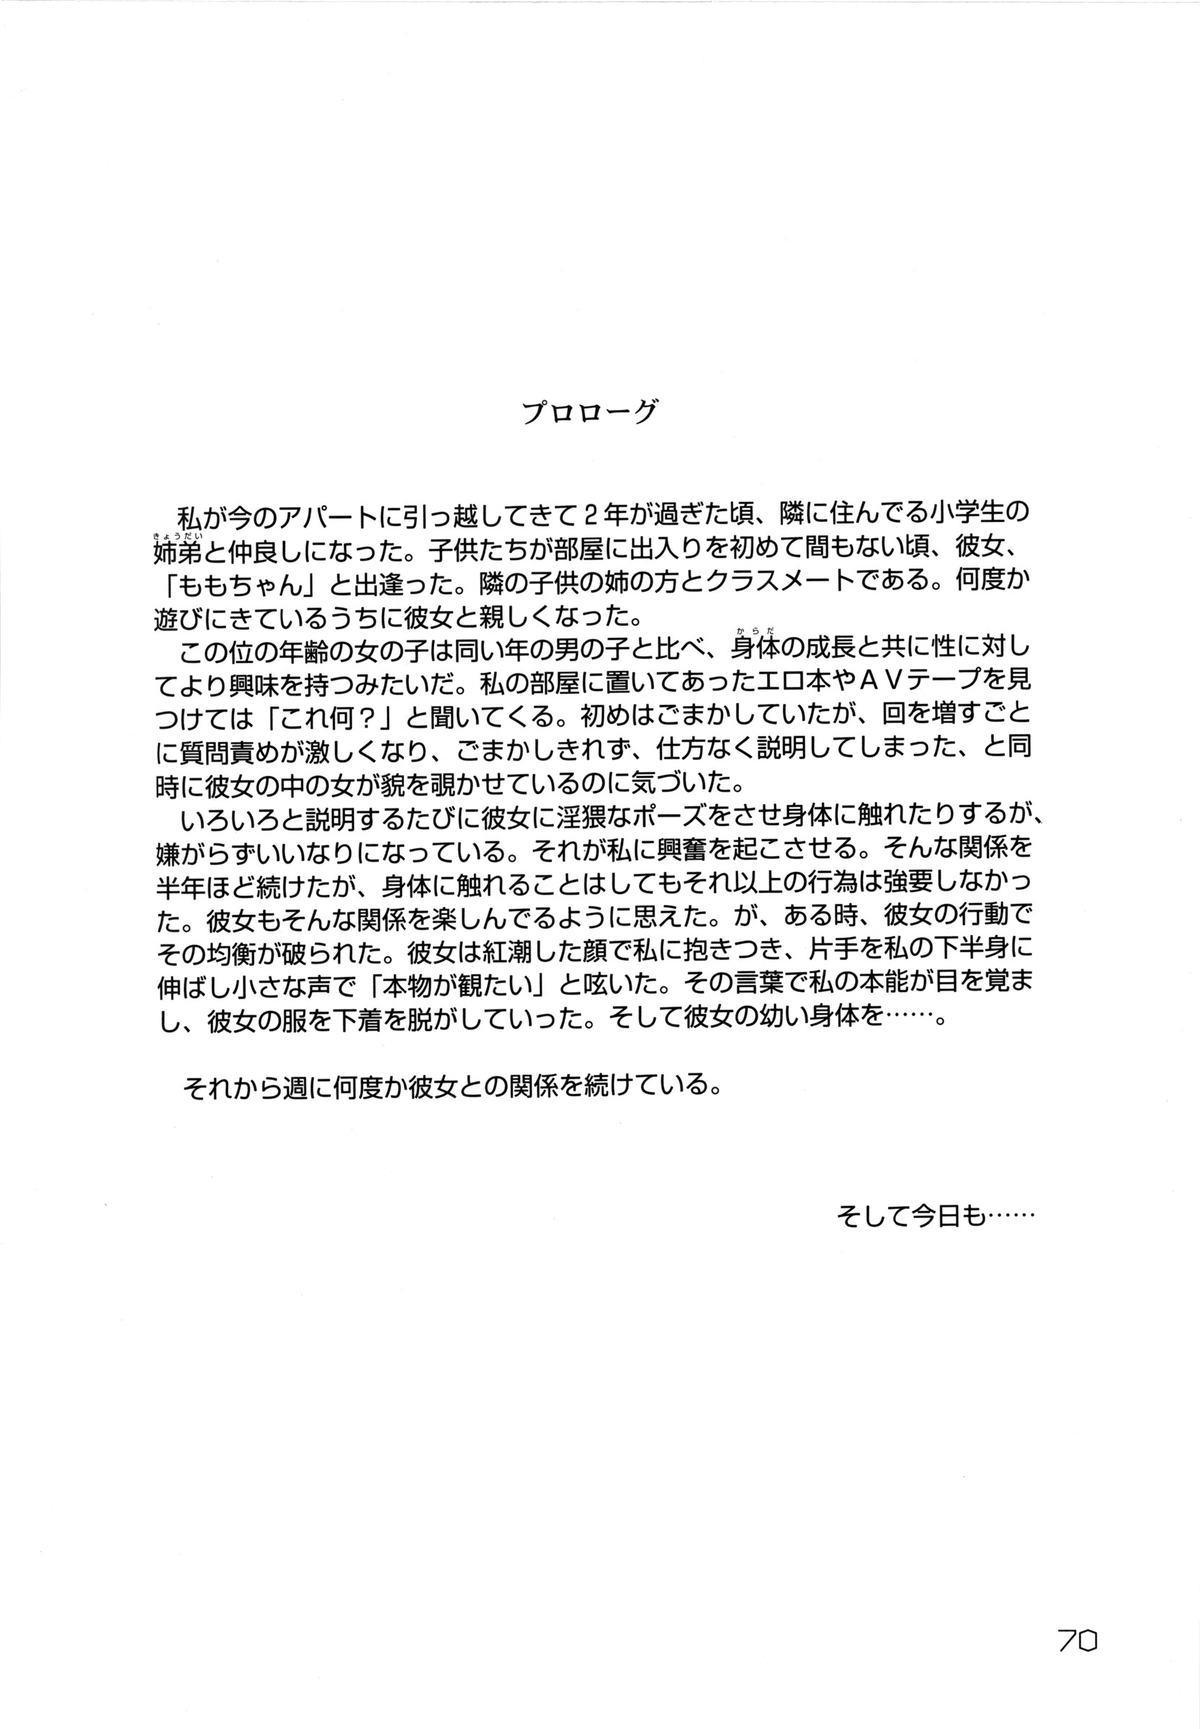 Shoukoujo 3 70